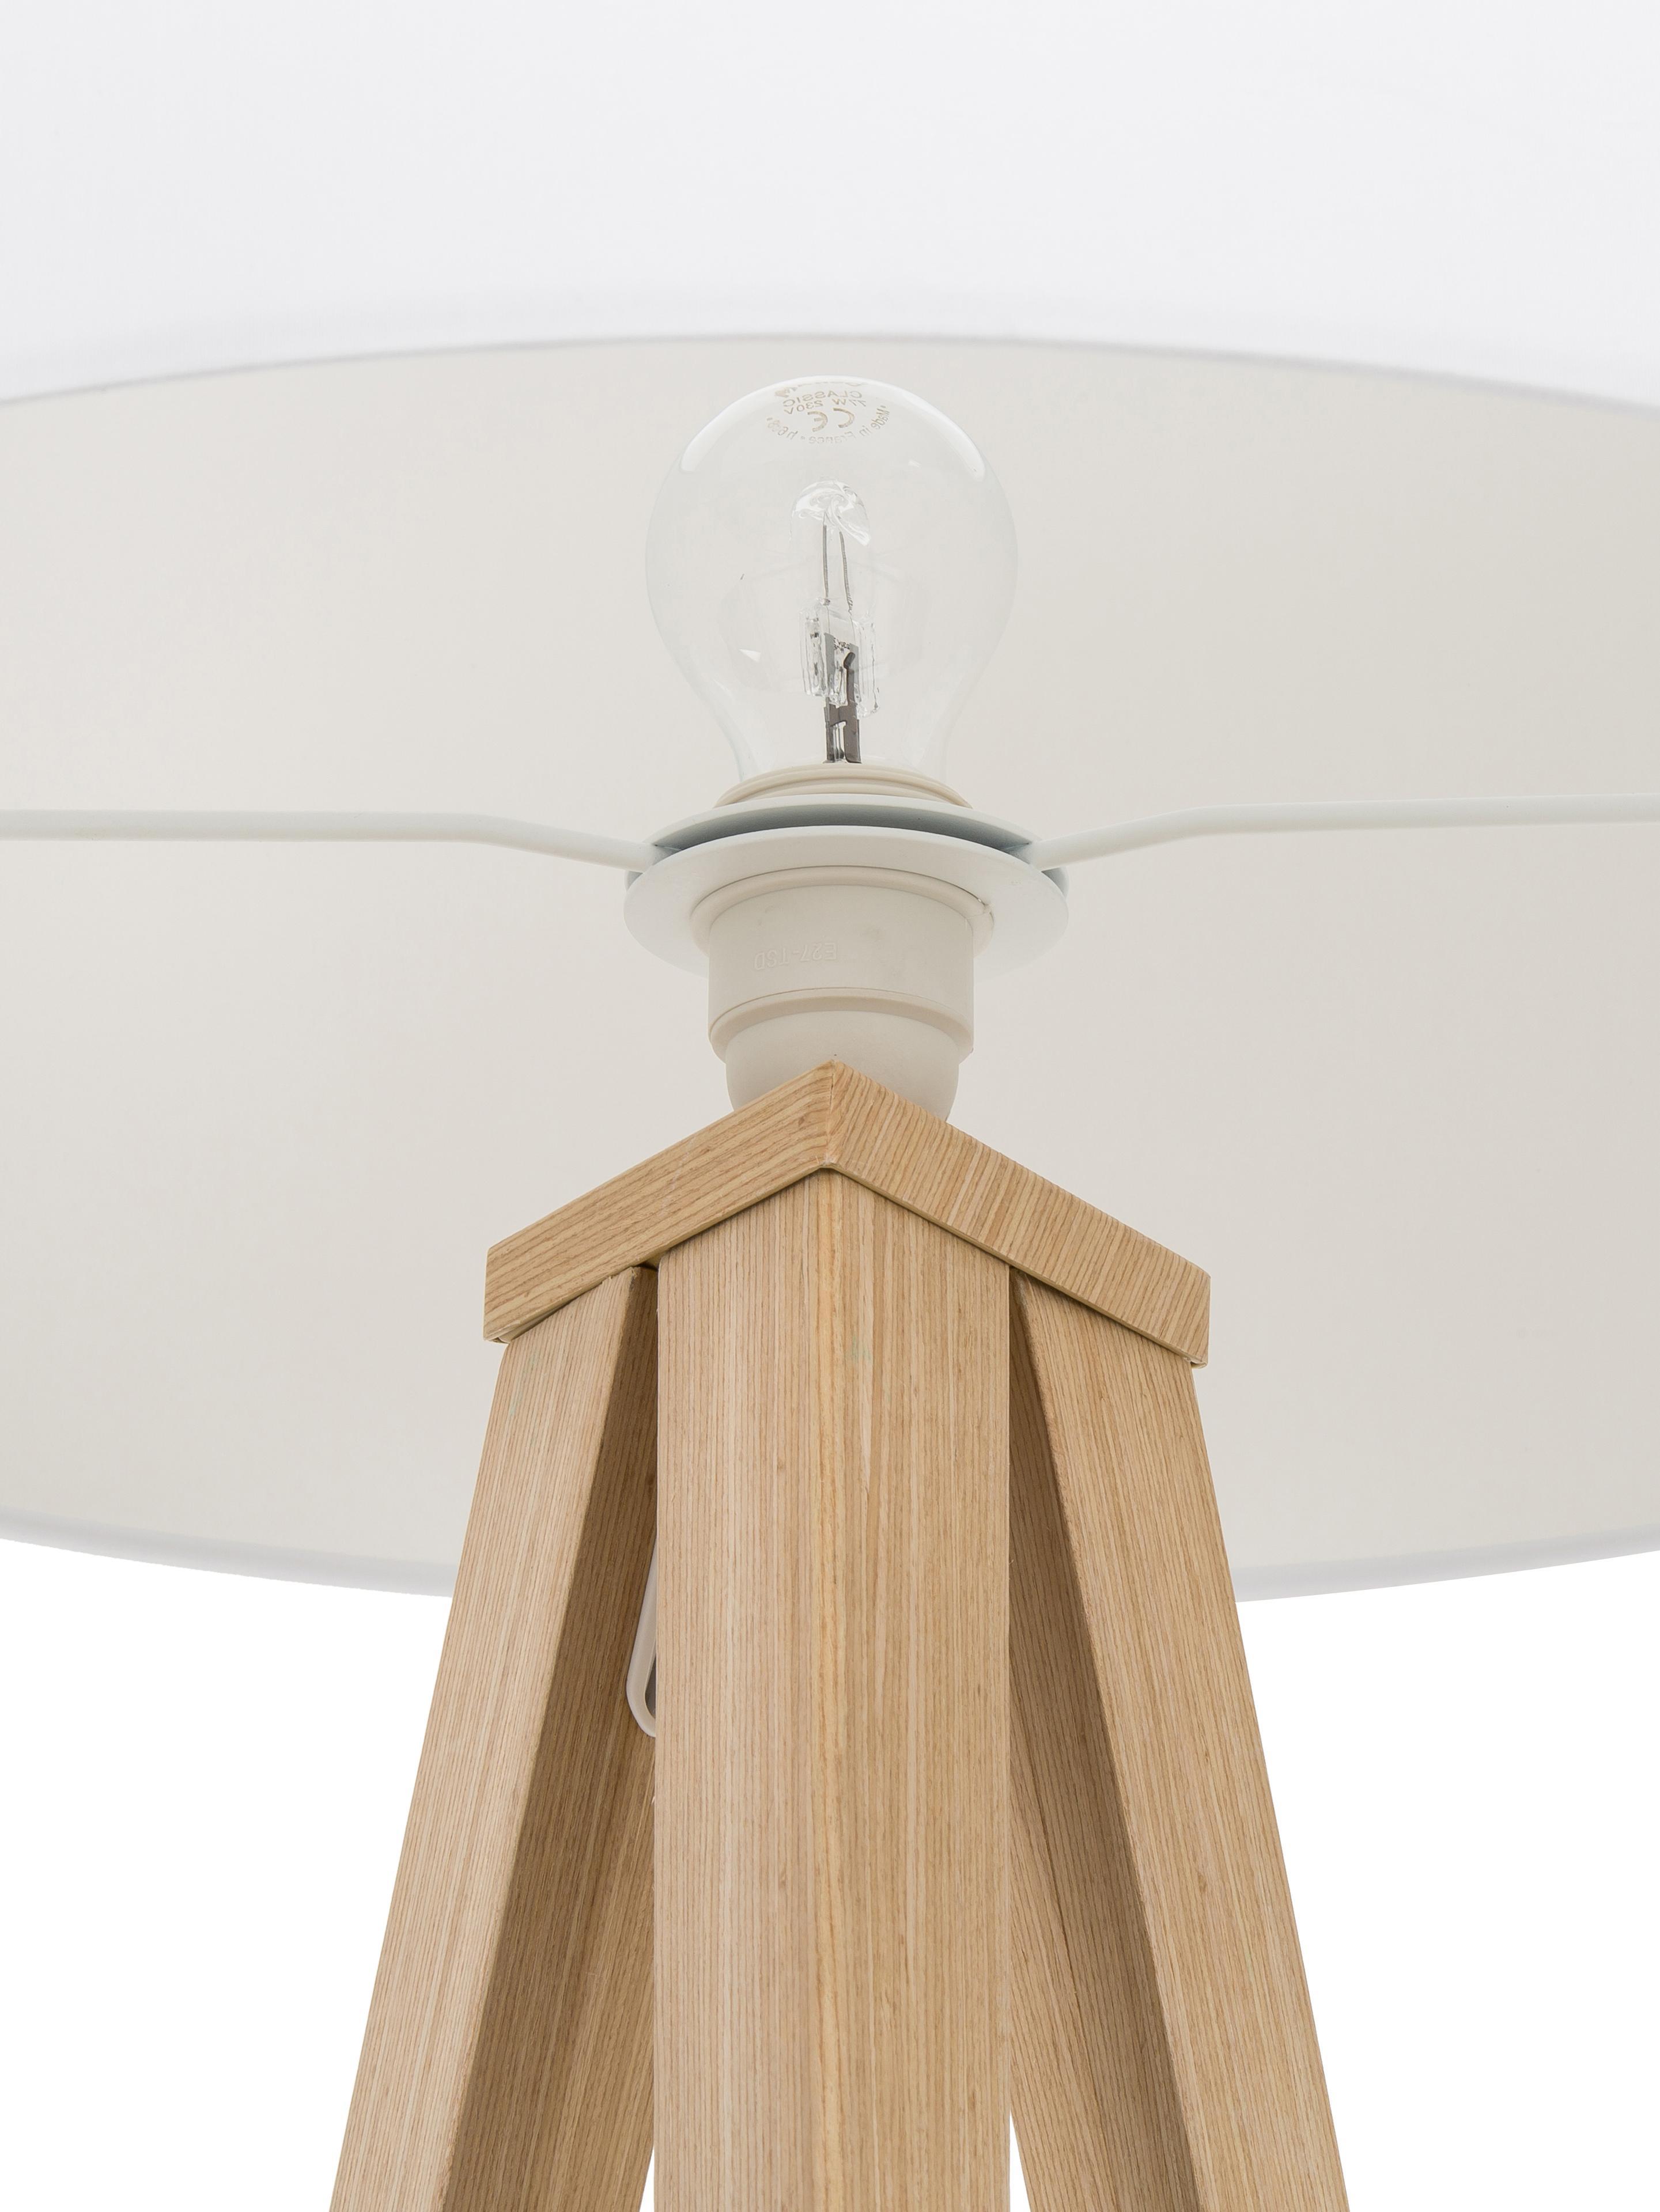 Tripod Stehlampe Jake mit Holzfuß, Lampenschirm: Baumwolle, Lampenfuß: Metall mit Echtholzfurnie, Lampenschirm: WeißLampenfuß: Holzfurnier, ∅ 50 x H 154 cm